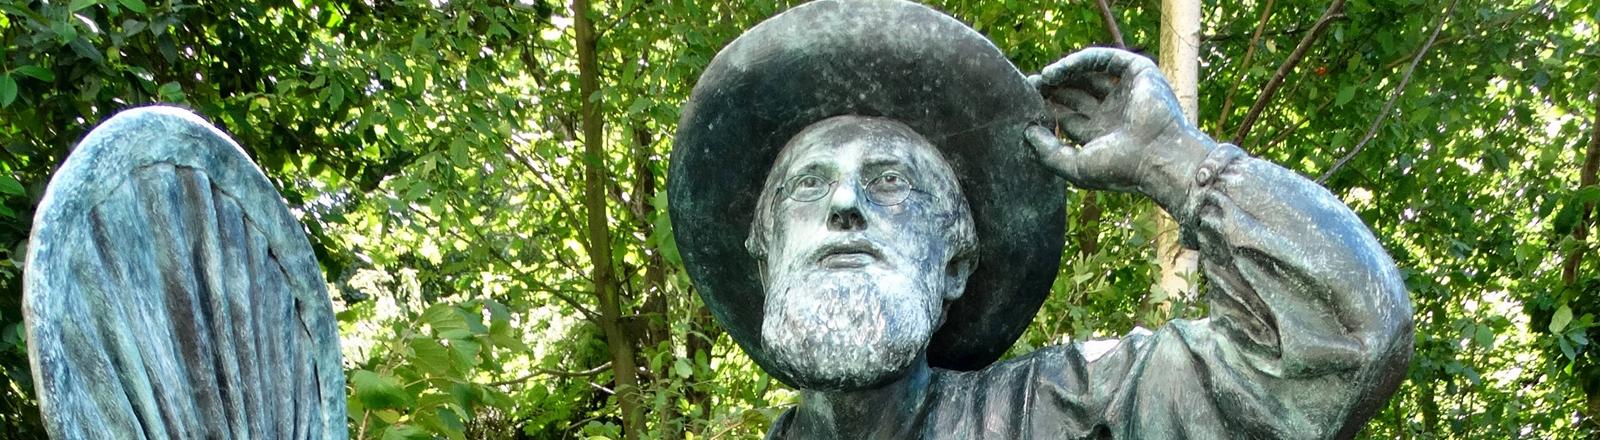 Statue des Naturforschers Alfred Russel Wallace